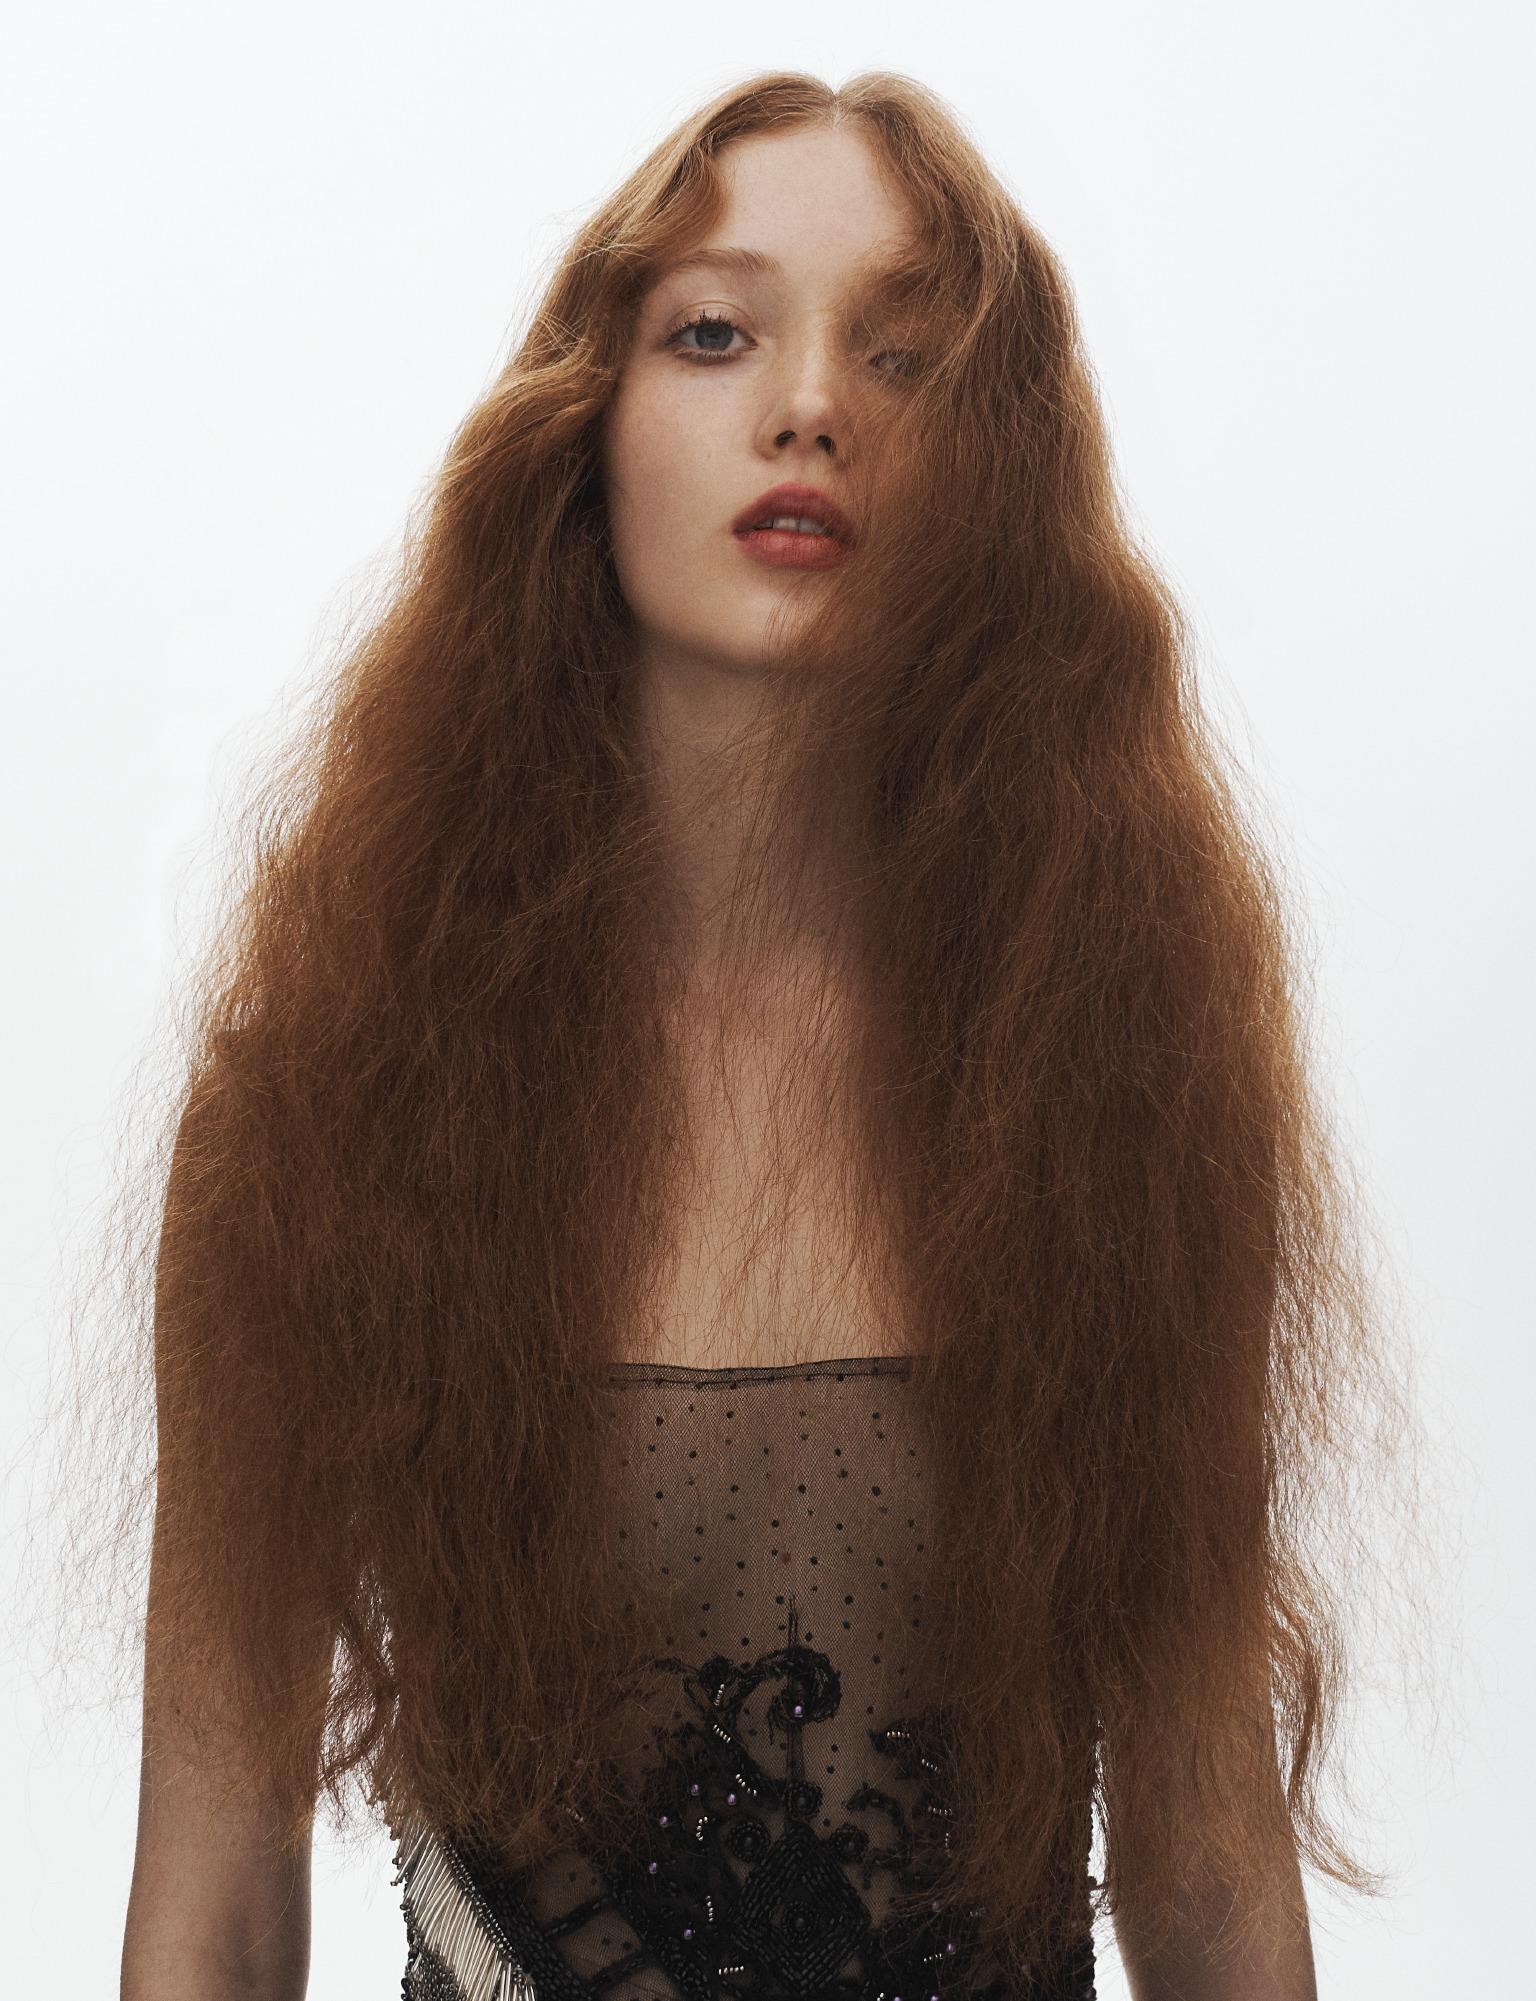 ghd-australia gad-hair richard-kavanagh ghd-christmas ghd-limited-edition